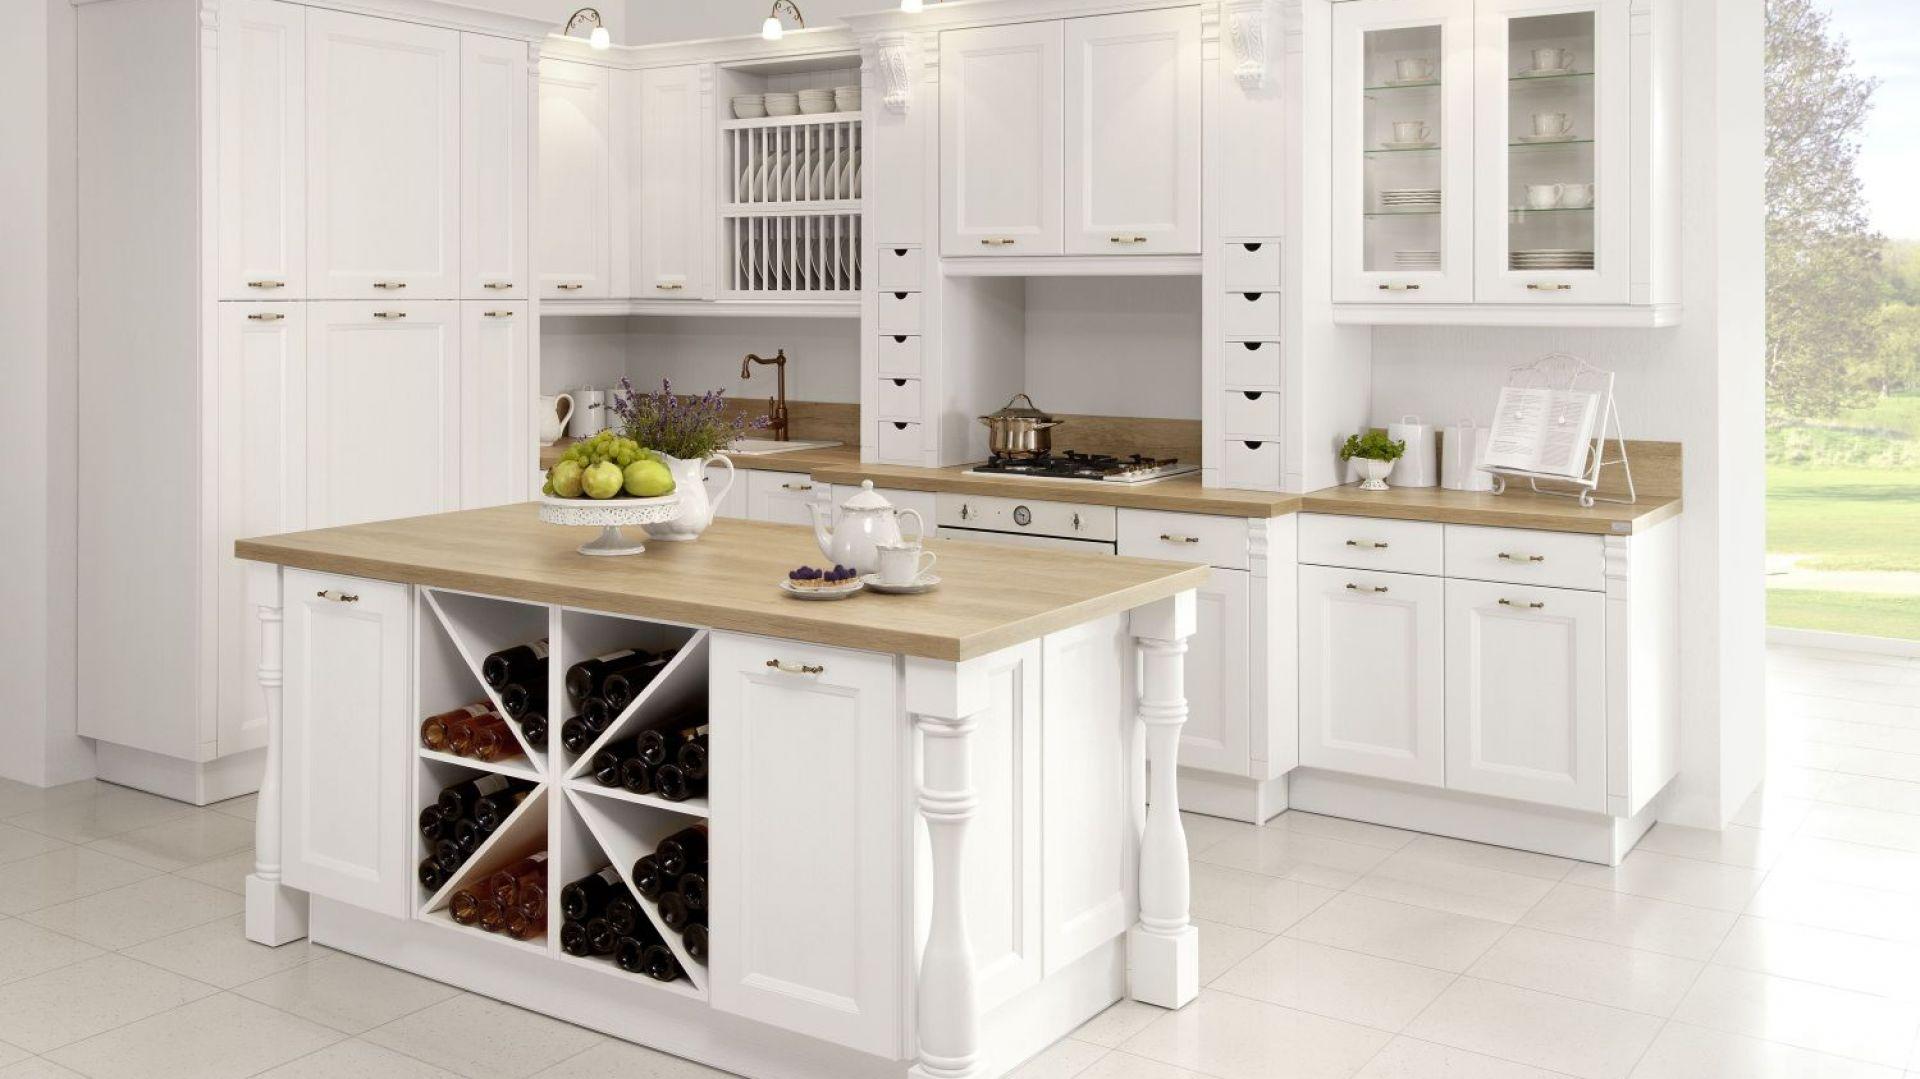 Kuchnia Villa II to kwintesencja stylu klasycznego. Znajdziemy tu wiele eleganckich zdobień. Fot. WFM Kuchnie